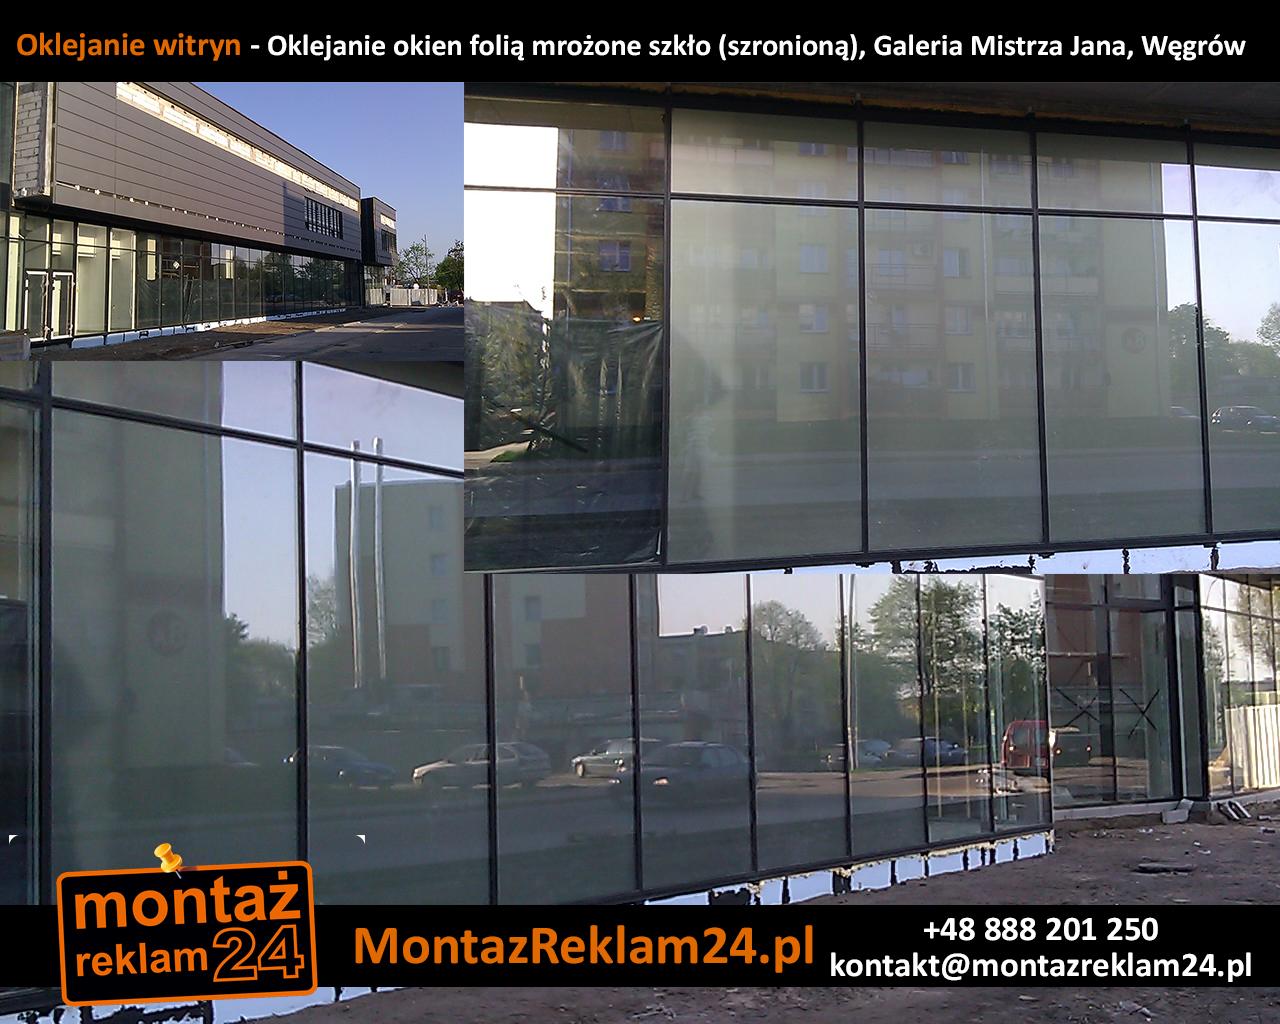 Oklejanie witryn - Oklejanie okien folią mrożone szkło (szronioną), Galeria Mistrza Jana, Węgrów.jpg